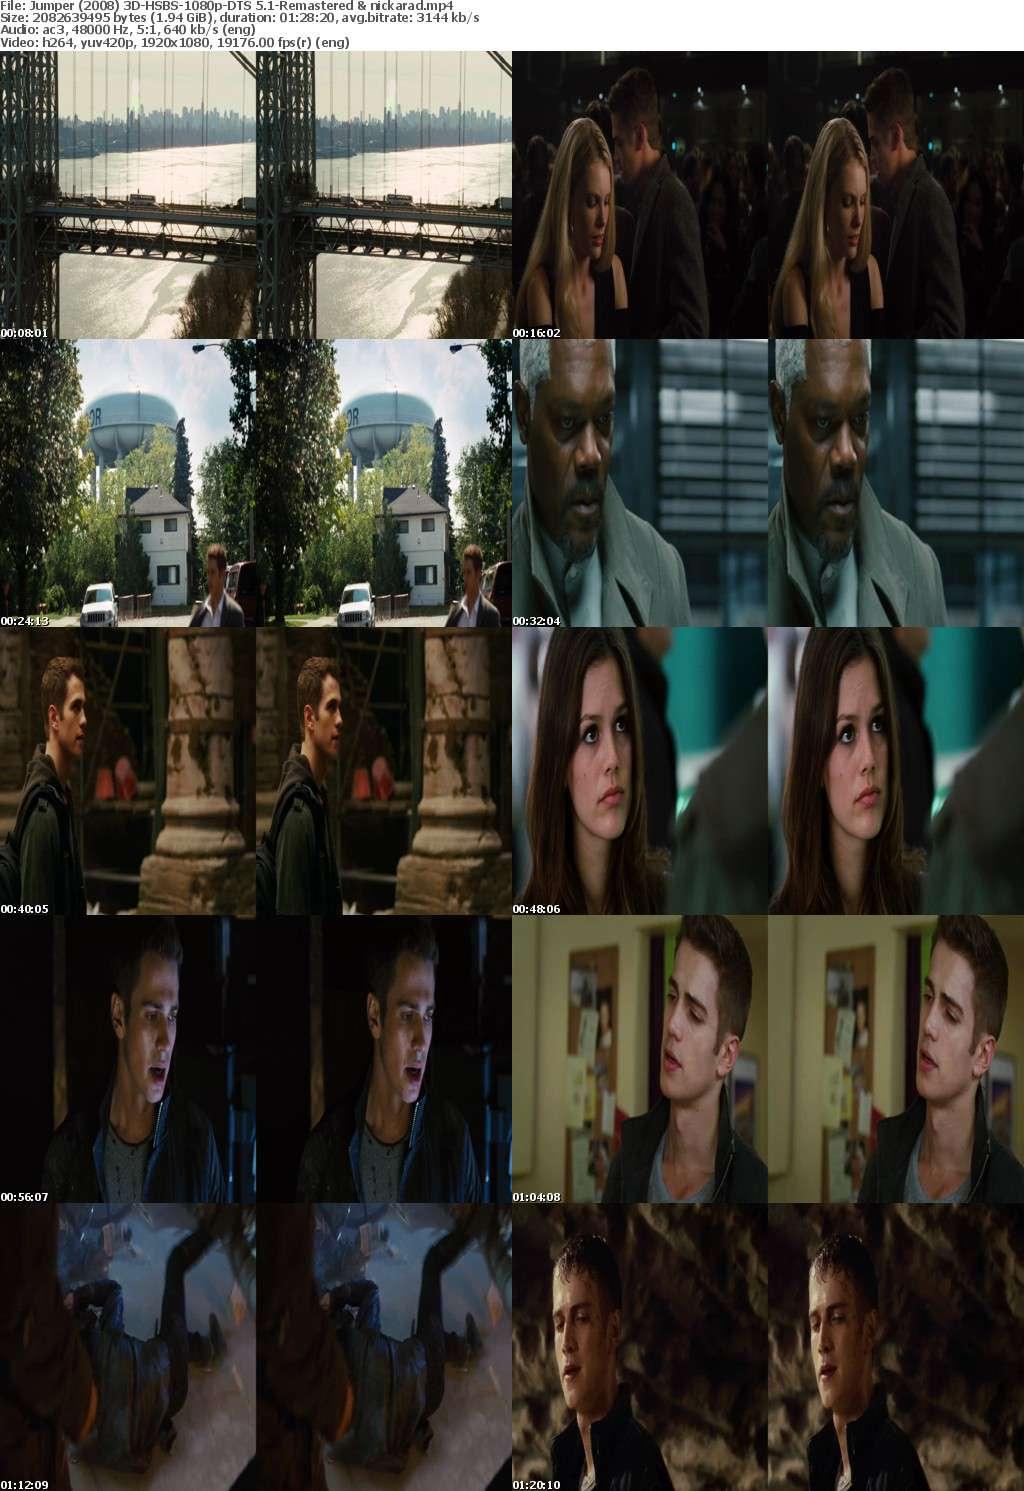 Jumper (2008) 3D HSBS 1080p BluRay AC3 (DTS 5.1) Remastered-nickarad